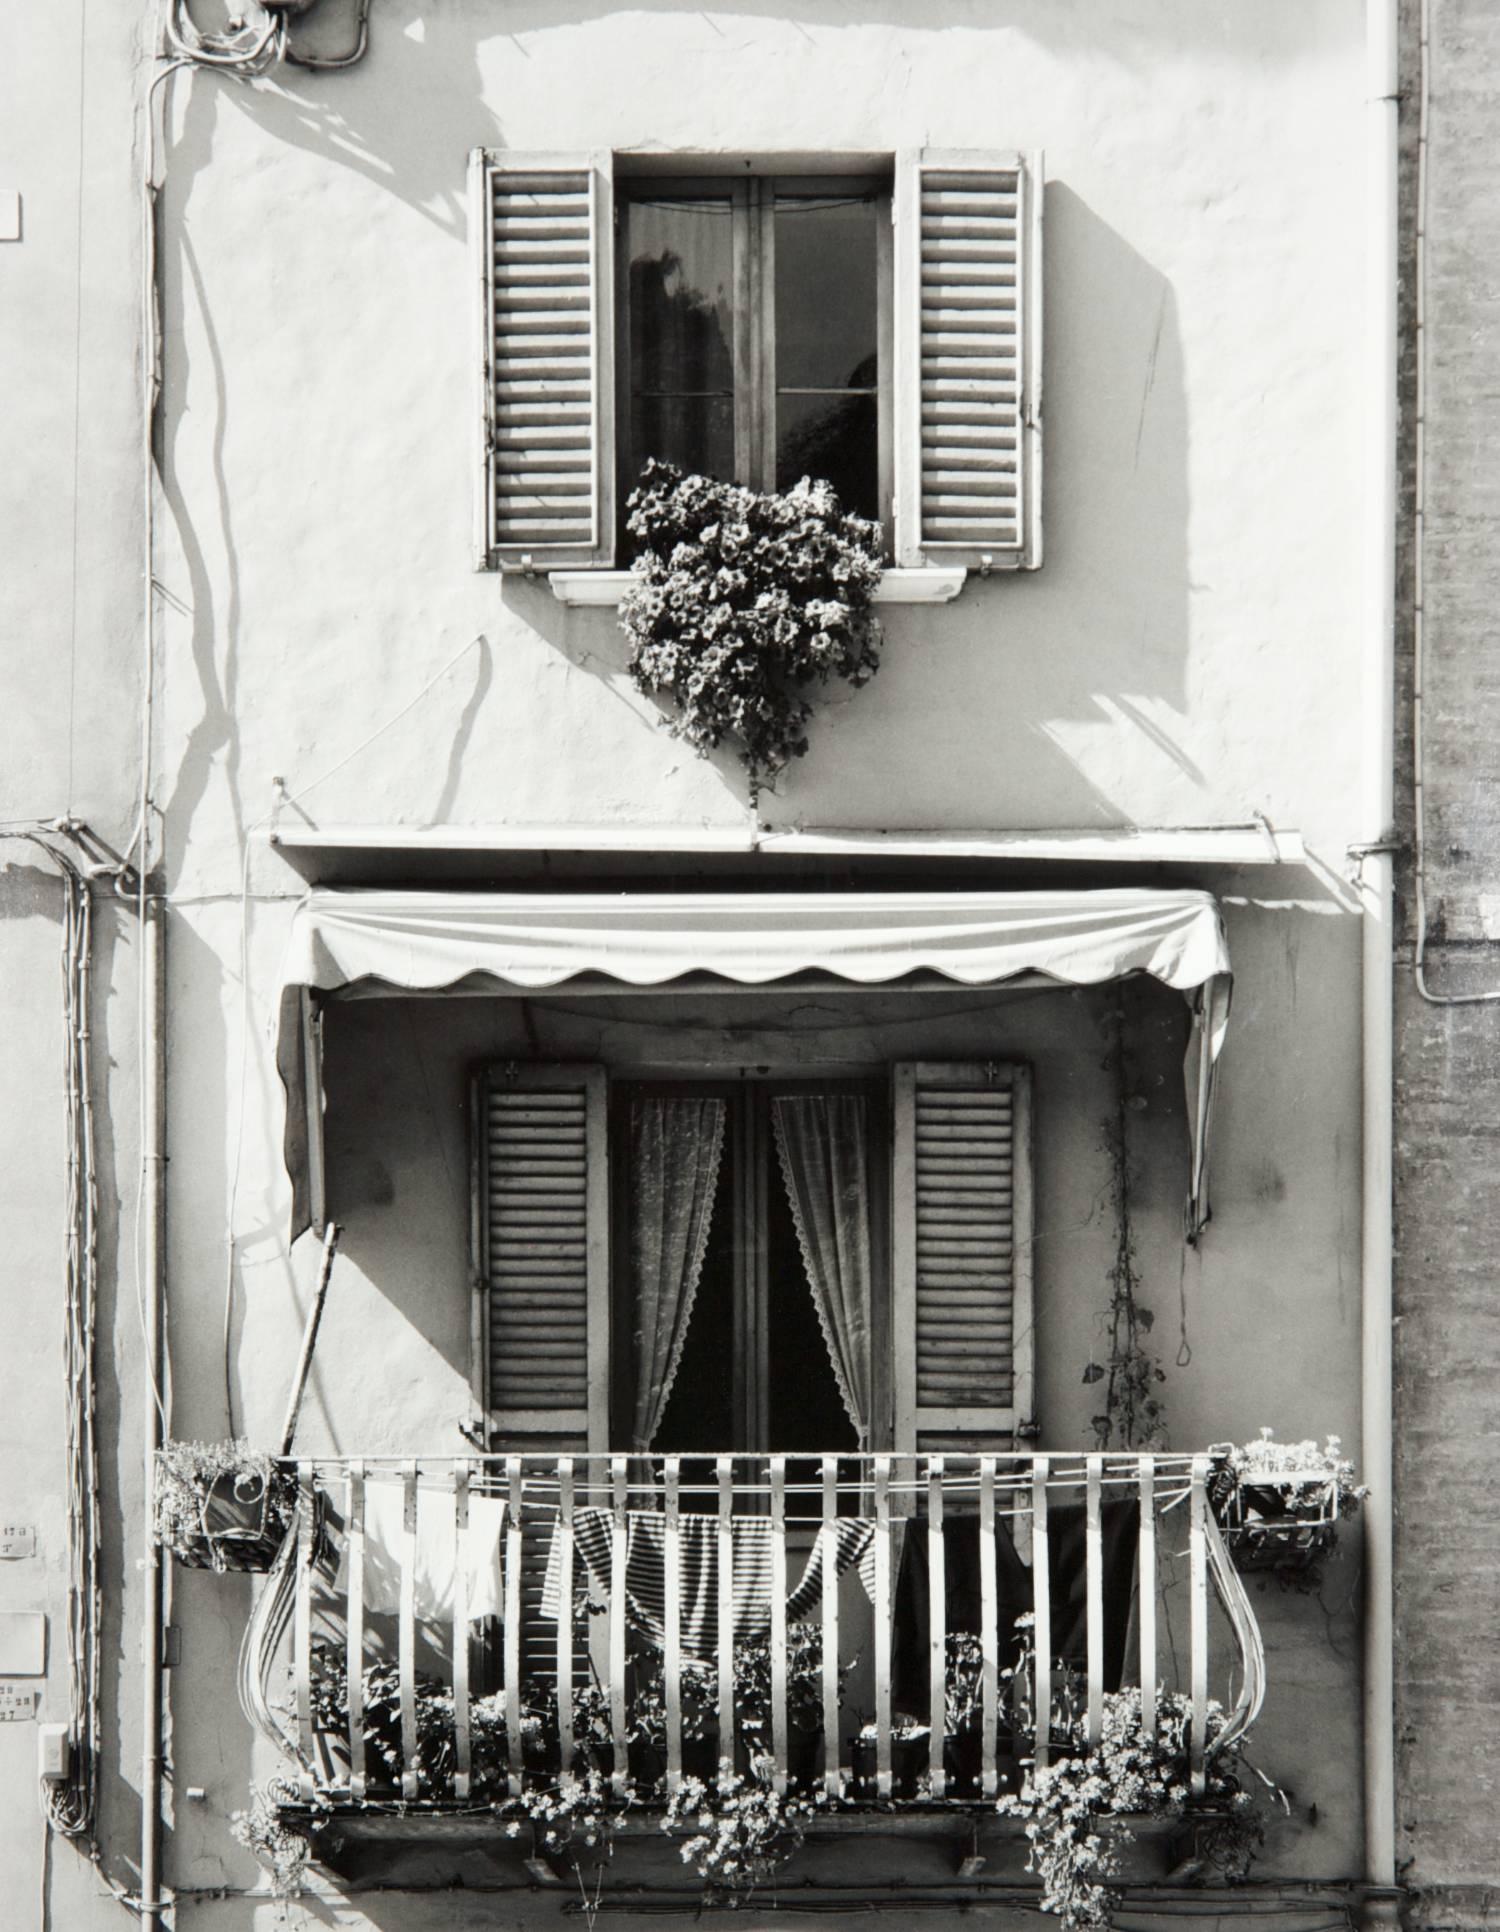 Window in Urbino (Italy)